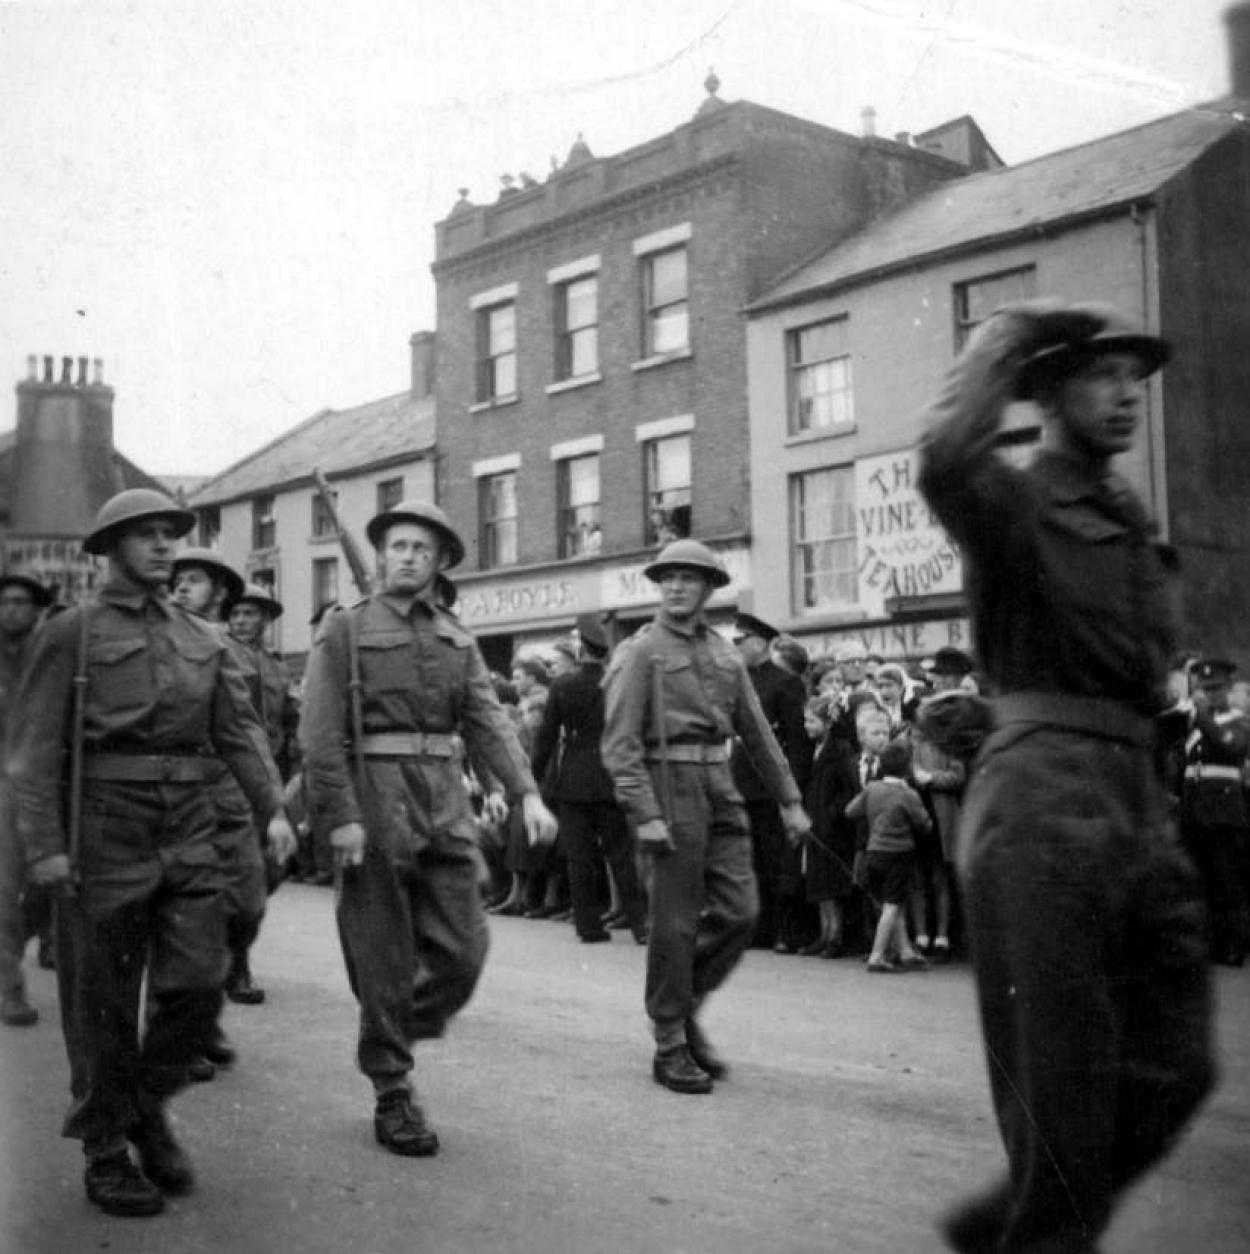 82092-troupes-belges-en-irlande.jpg